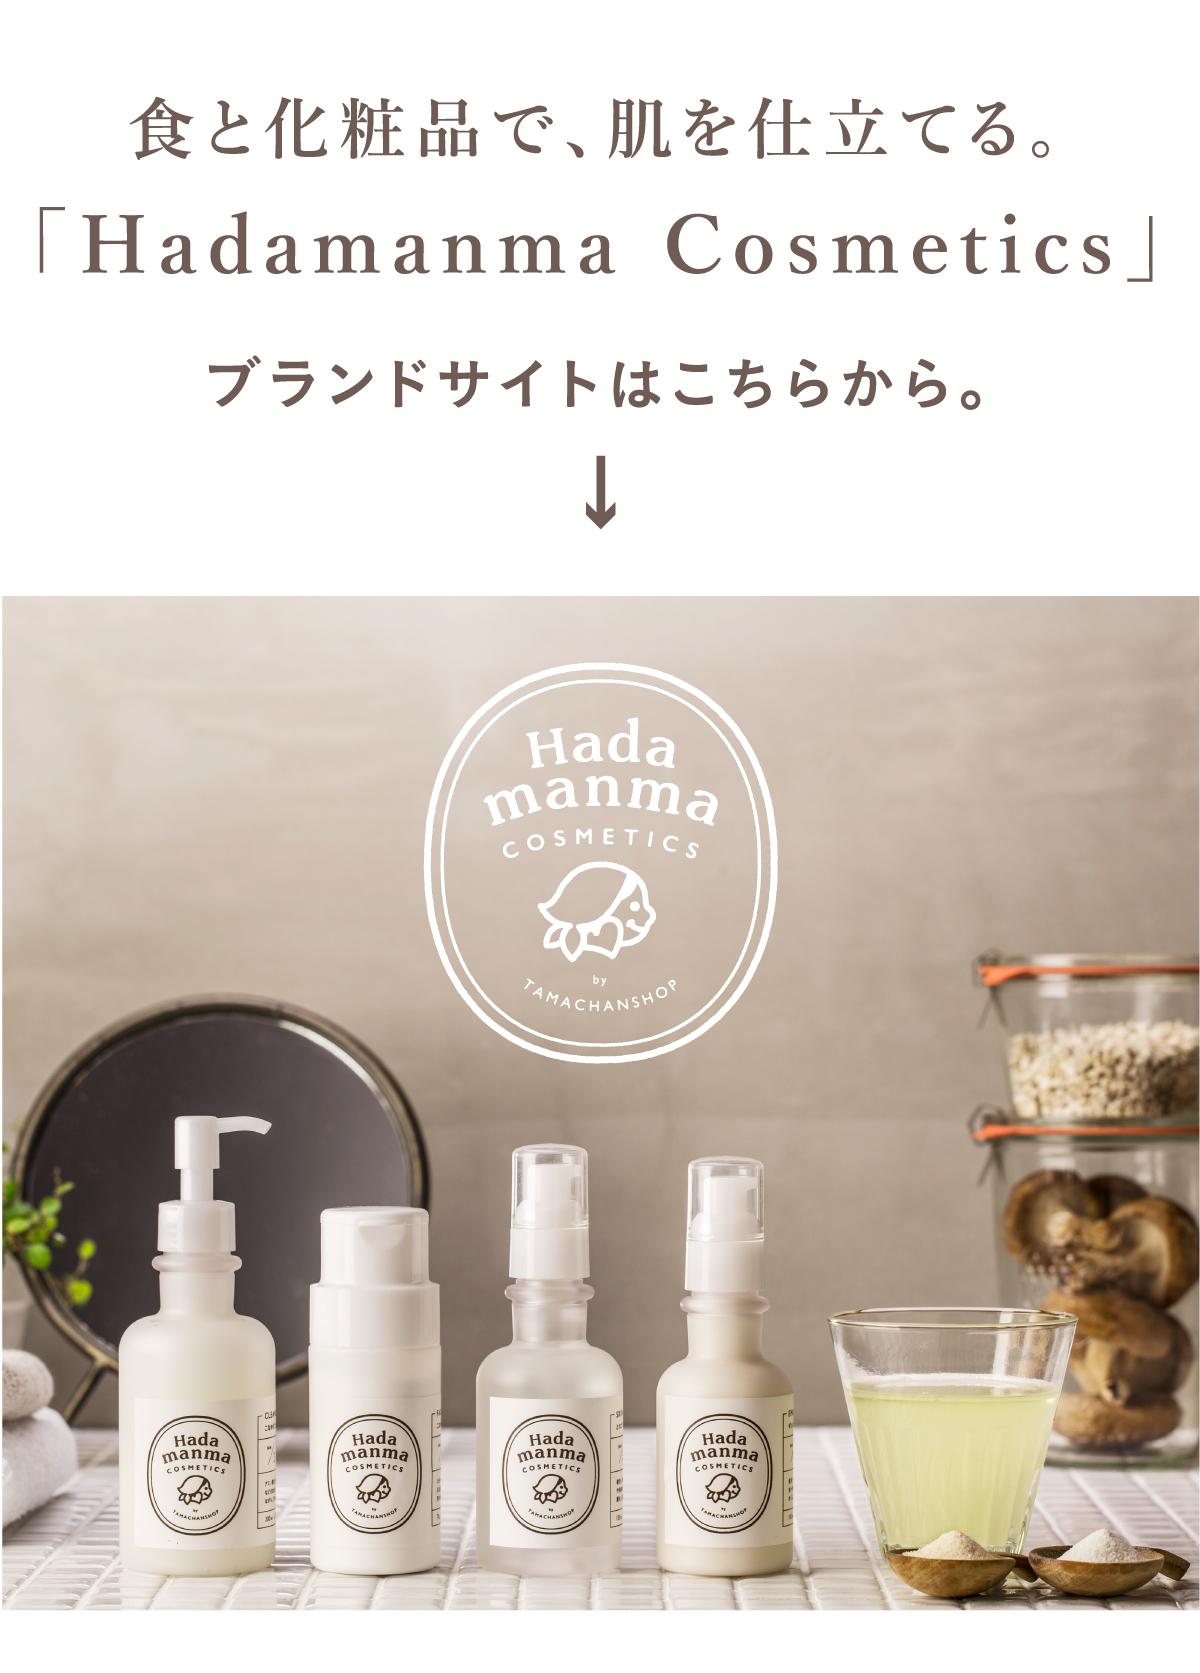 Hadamanmaブランドショッピングサイト